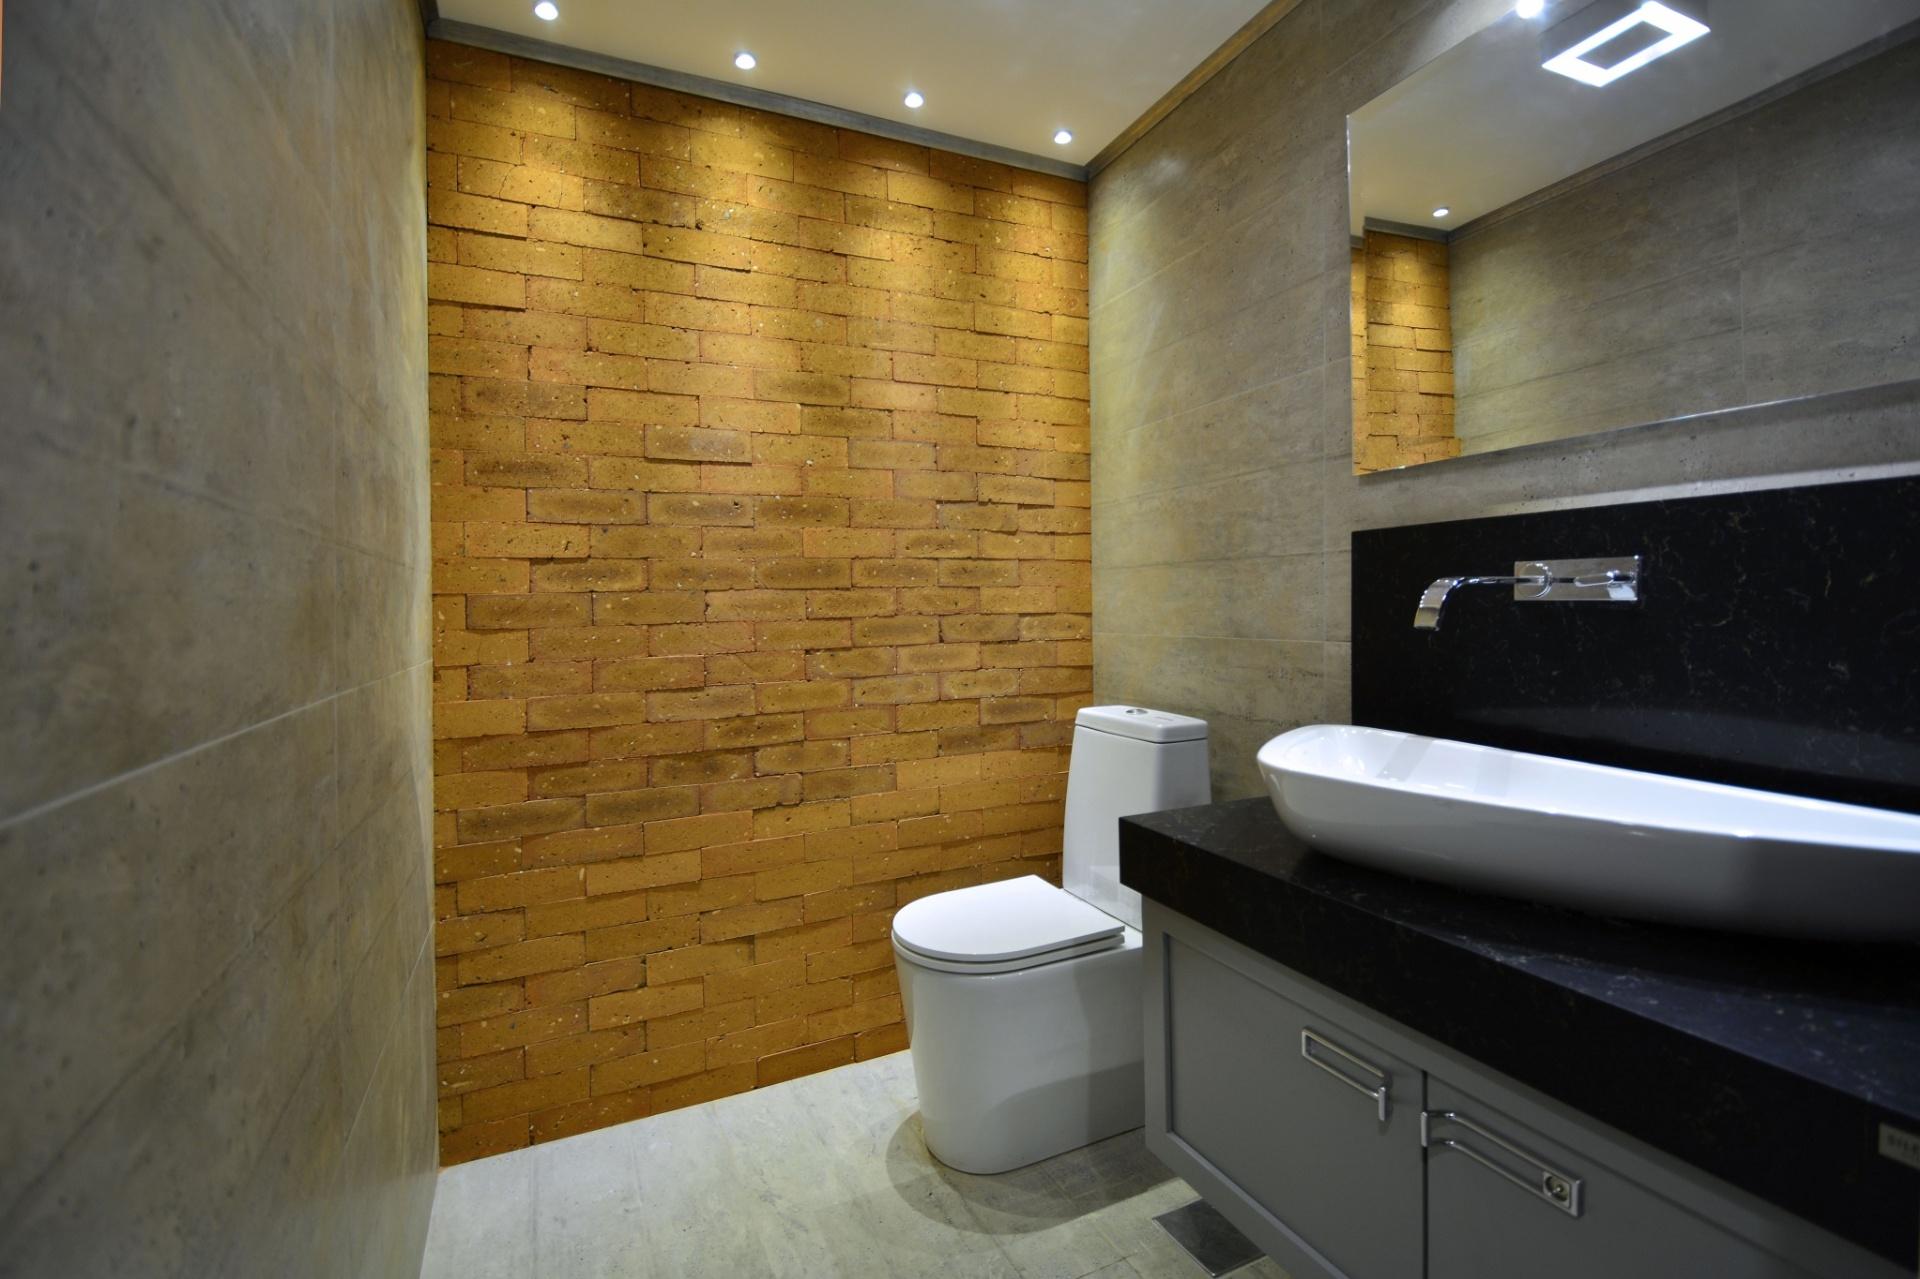 porcelanato que imita concreto e tijolos aparentes. Os tons neutros e  #674D24 1920x1279 Banheiro Cimento Queimado E Pastilhas